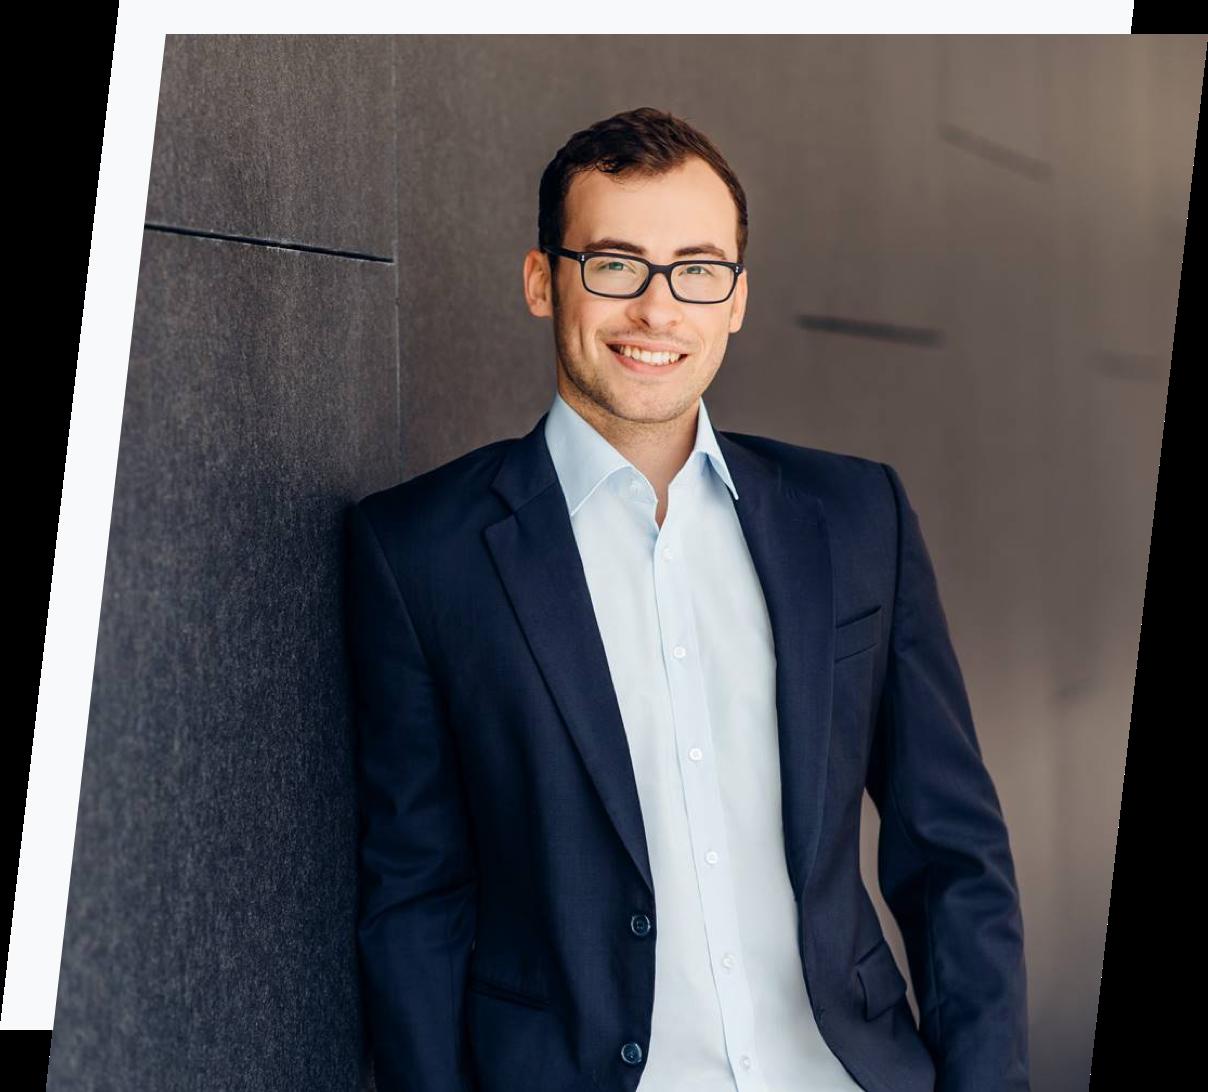 Michael Holste Gescheaftsführer der Muenchener E-Commerce Agentur Proxation